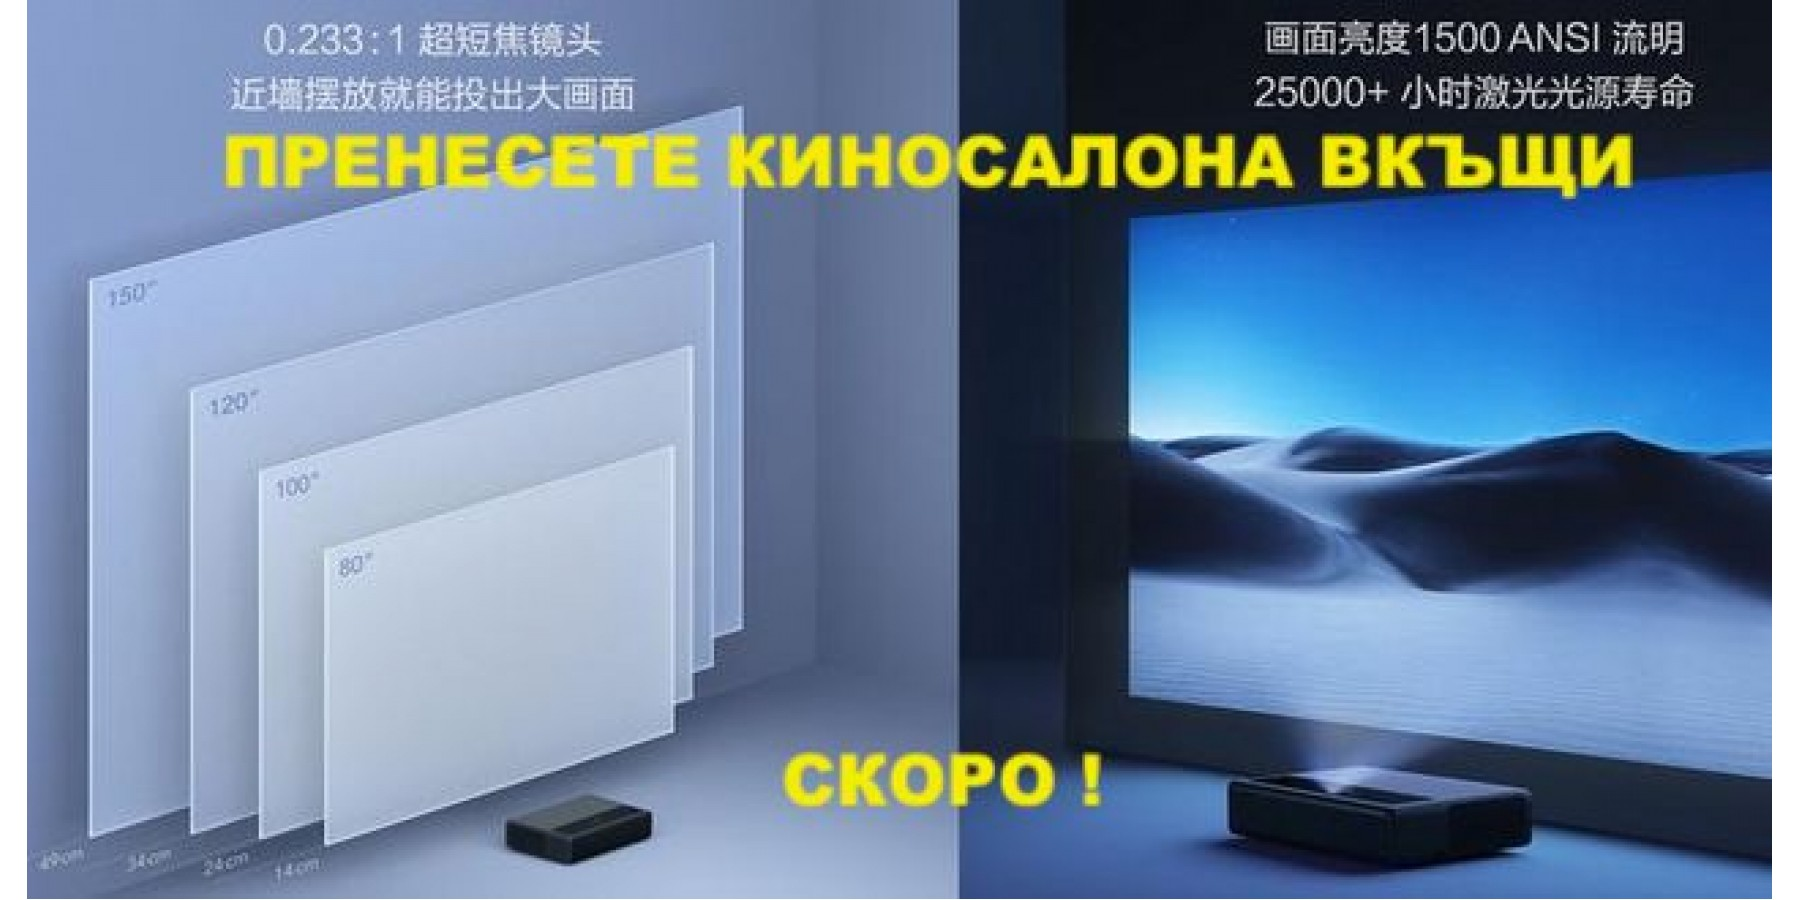 Xiaomi Mijia Laser Projector TV 4K 4 2